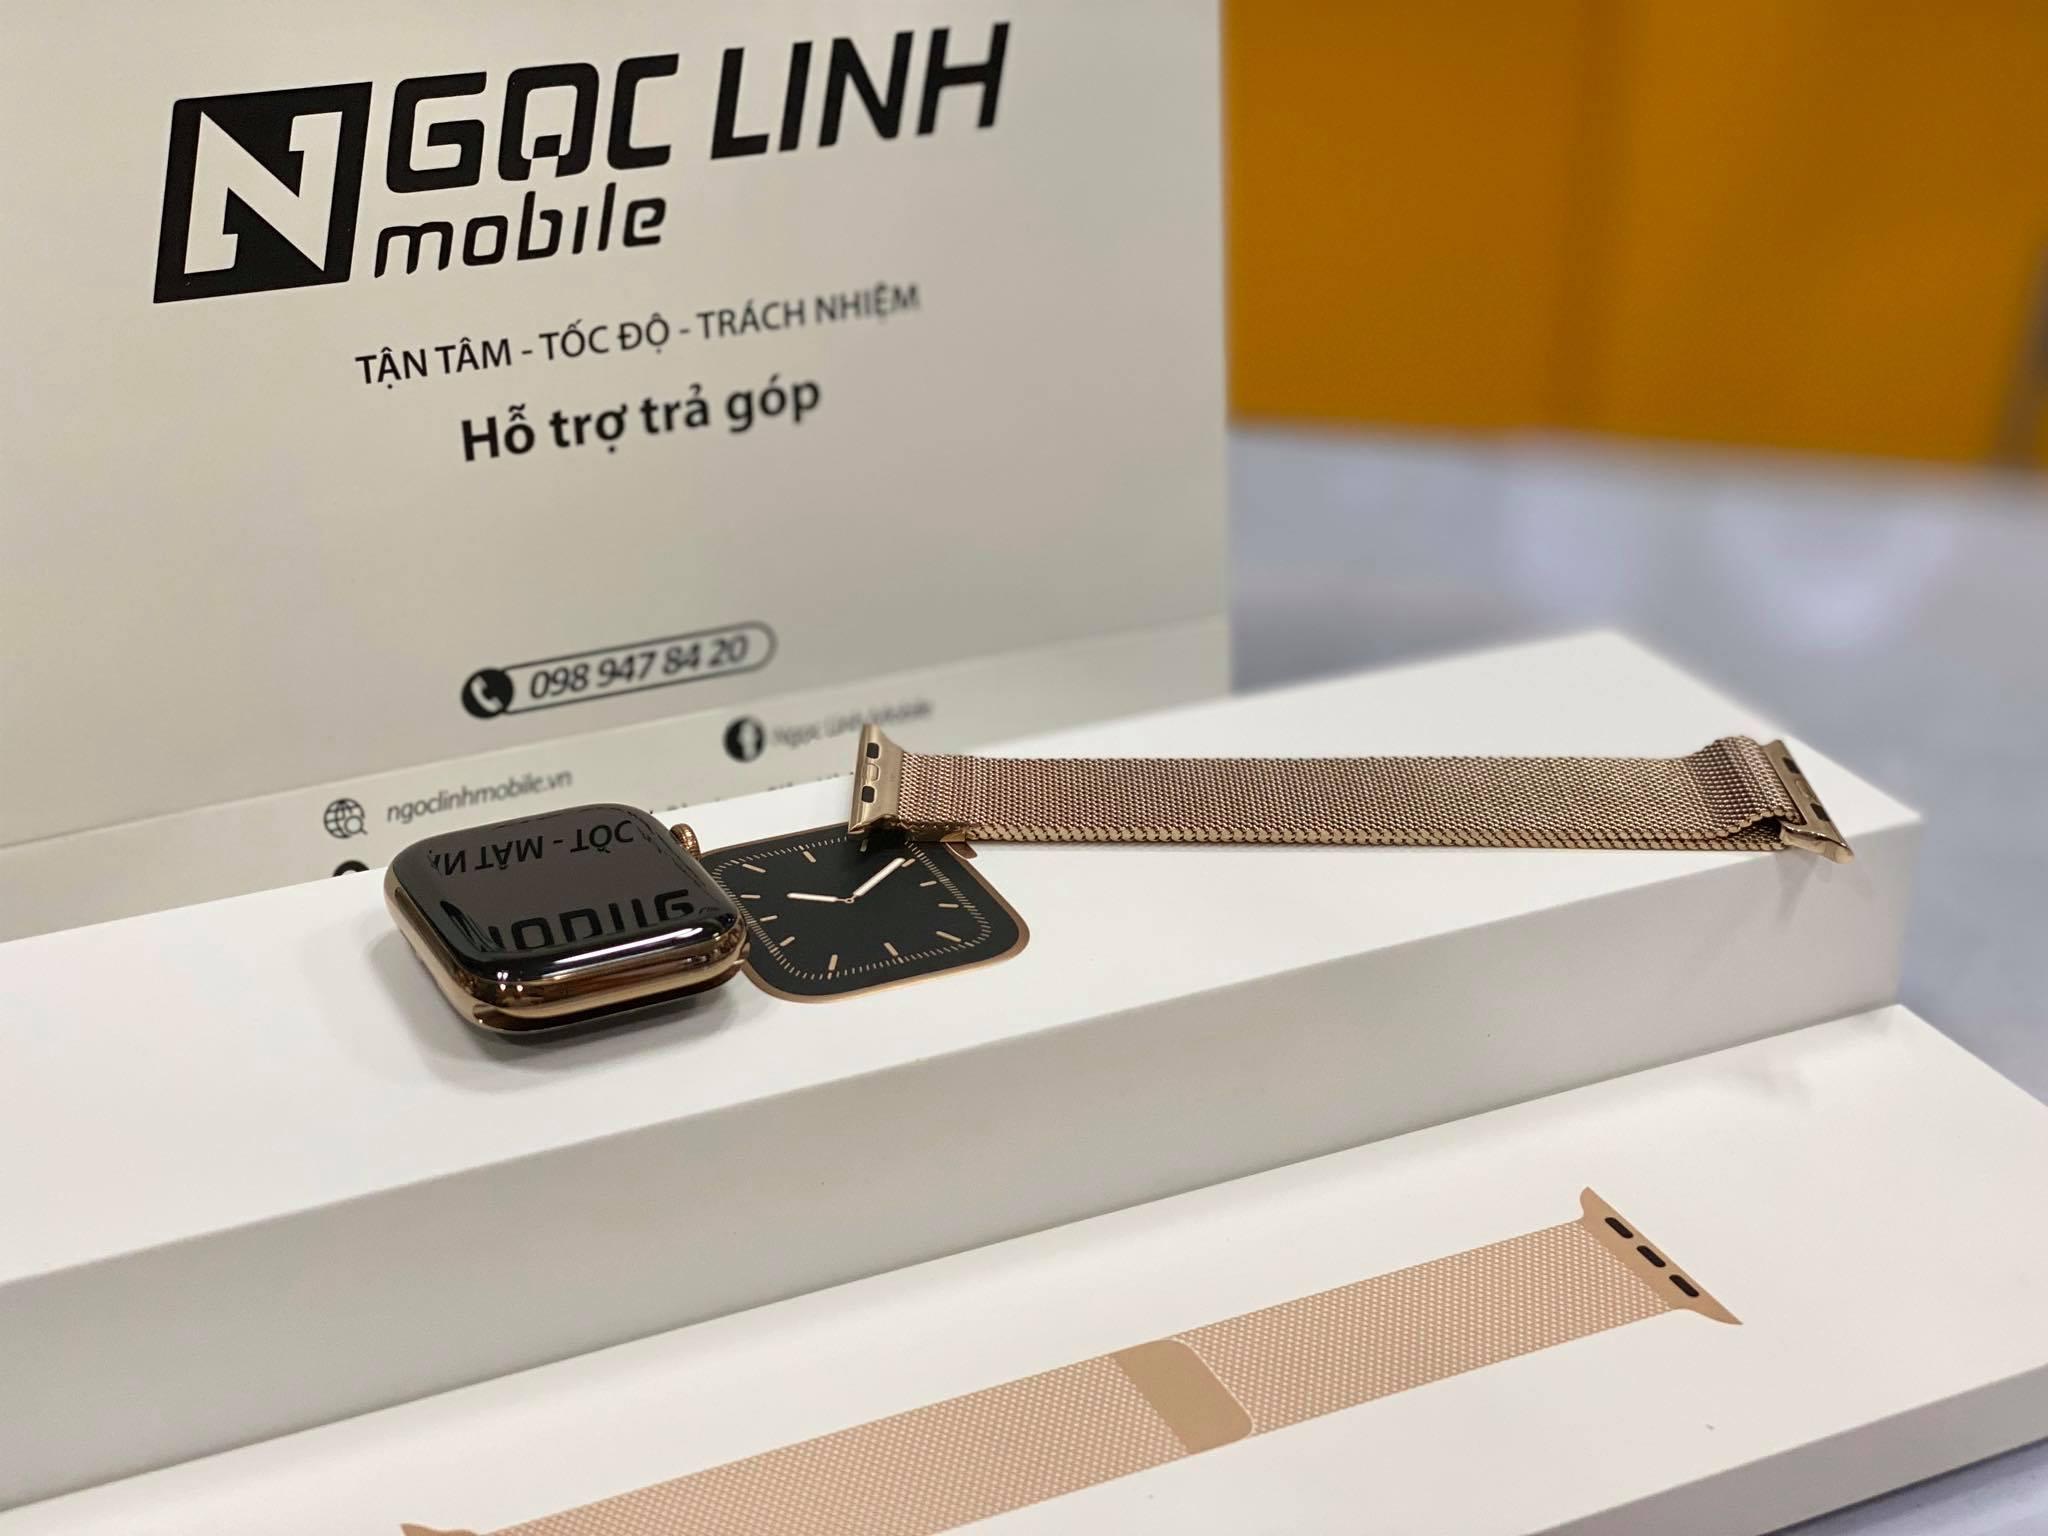 Apple Watch Series 5 Apple Watch Series 5 - Apple Watch Series 5 – Đồng hồ thông minh bán chạy nhất hiện nay